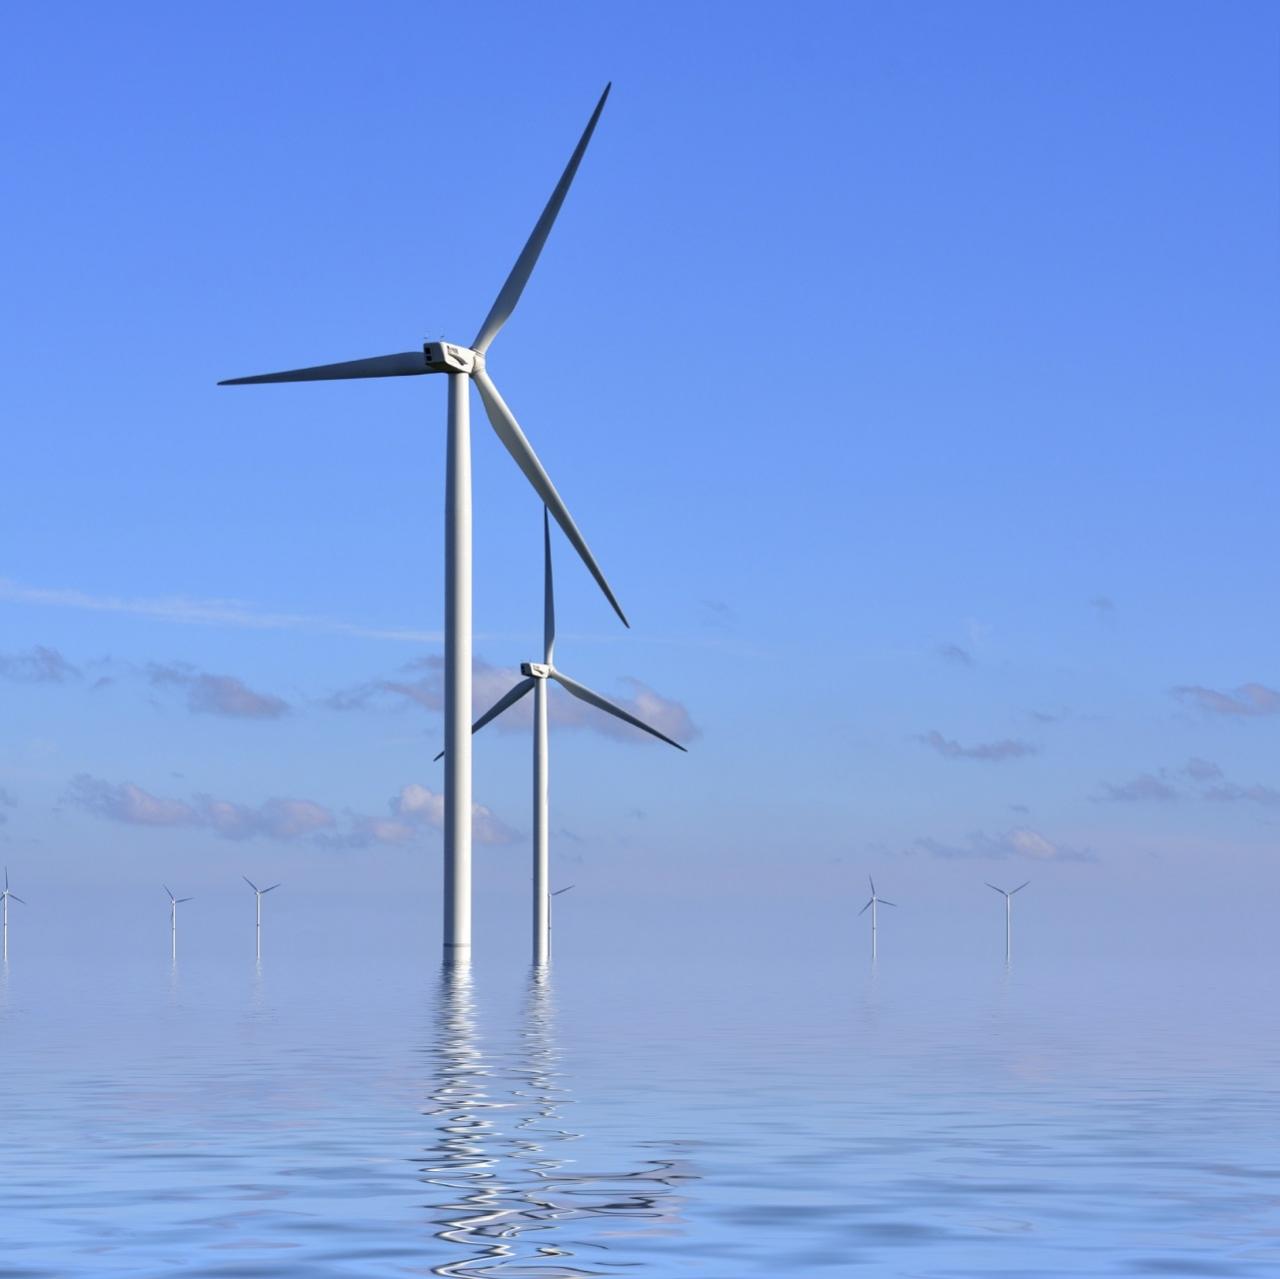 V Evropi porast vetrnih elektrarn na morju